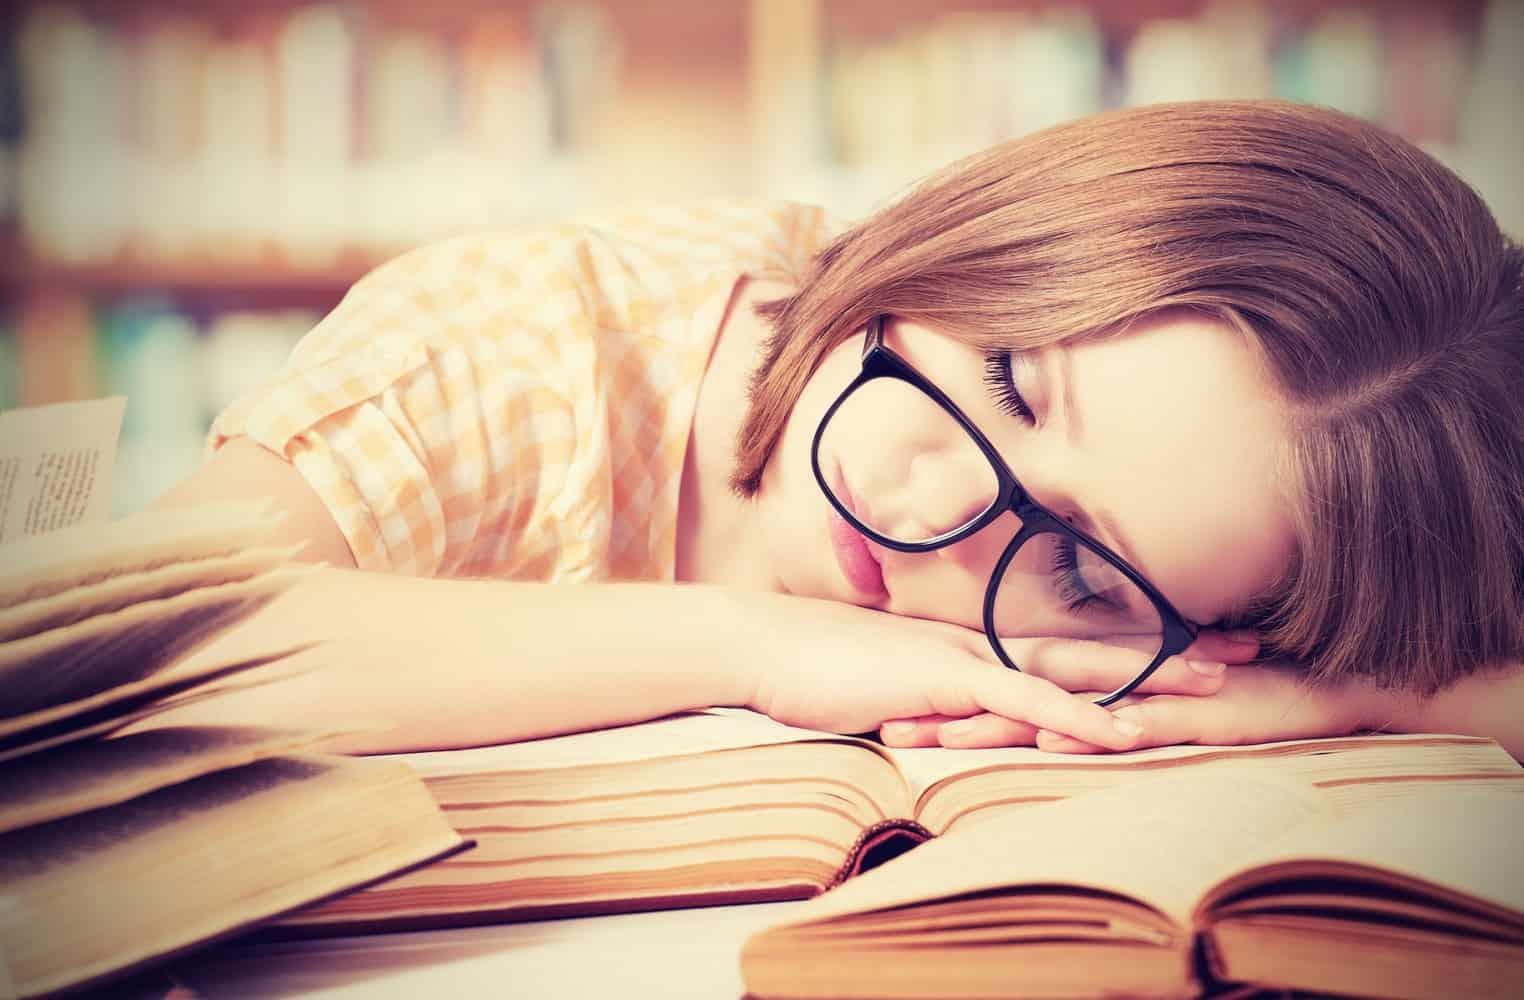 Una mujer durmiendo en una biblioteca.